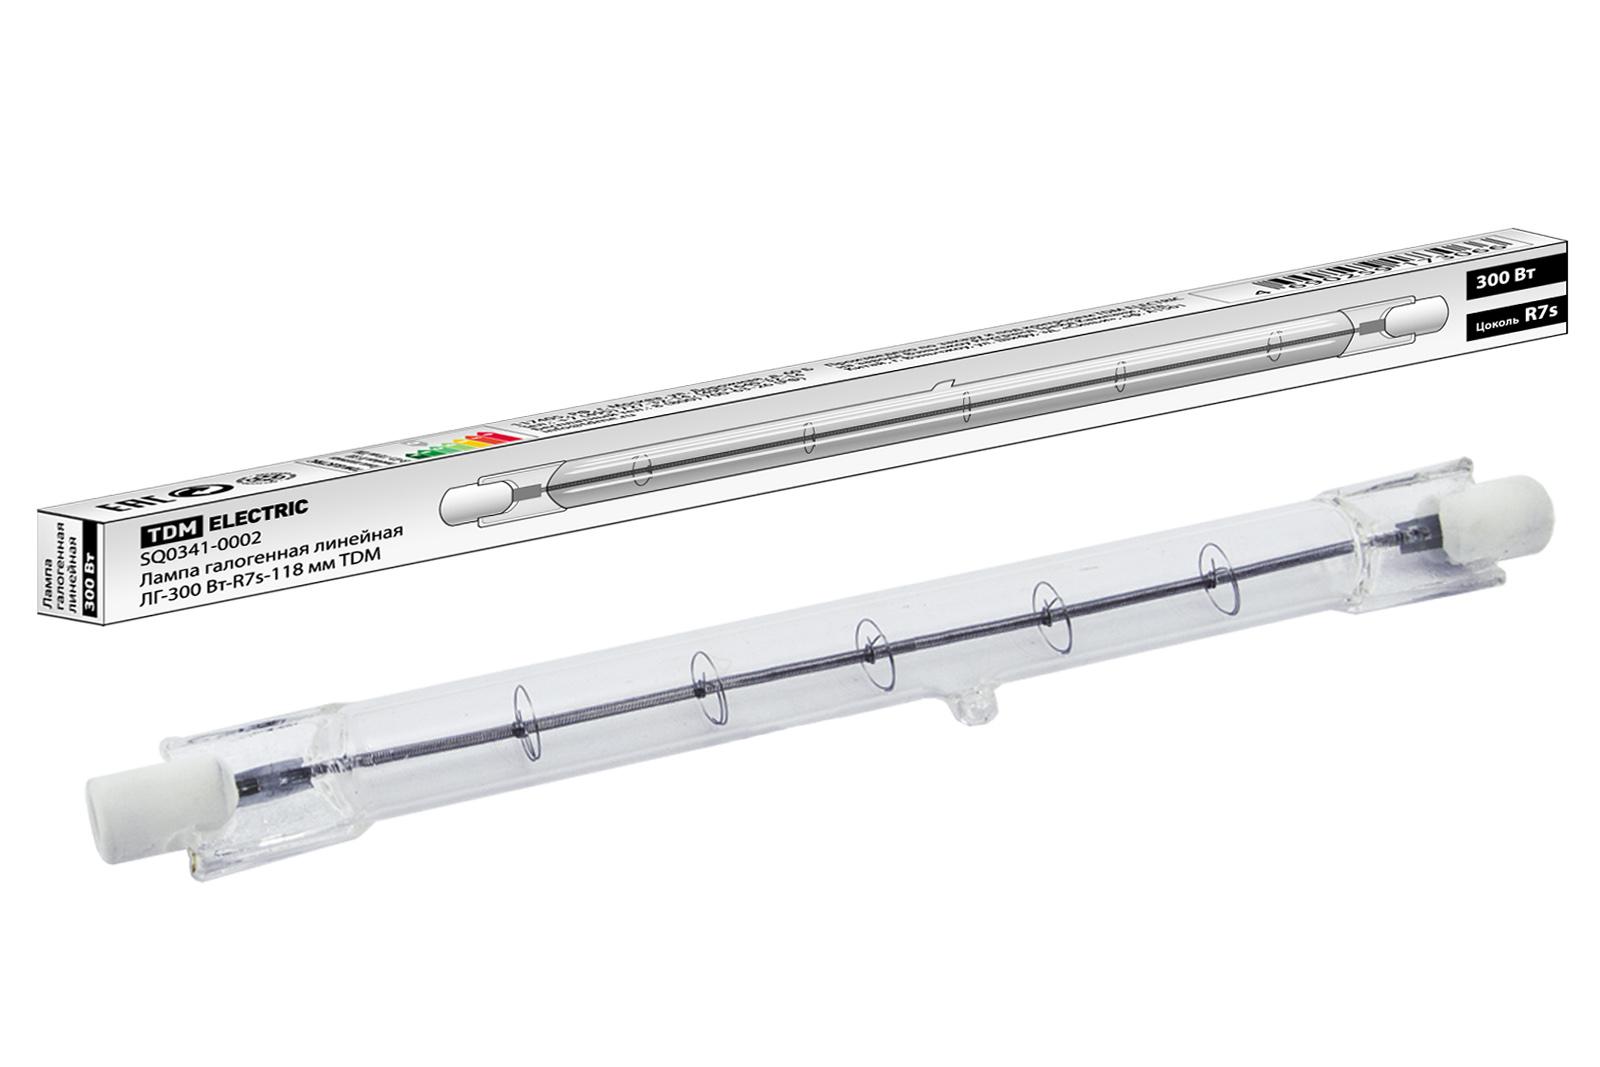 Лампа галогенная Tdm Sq0341-0002